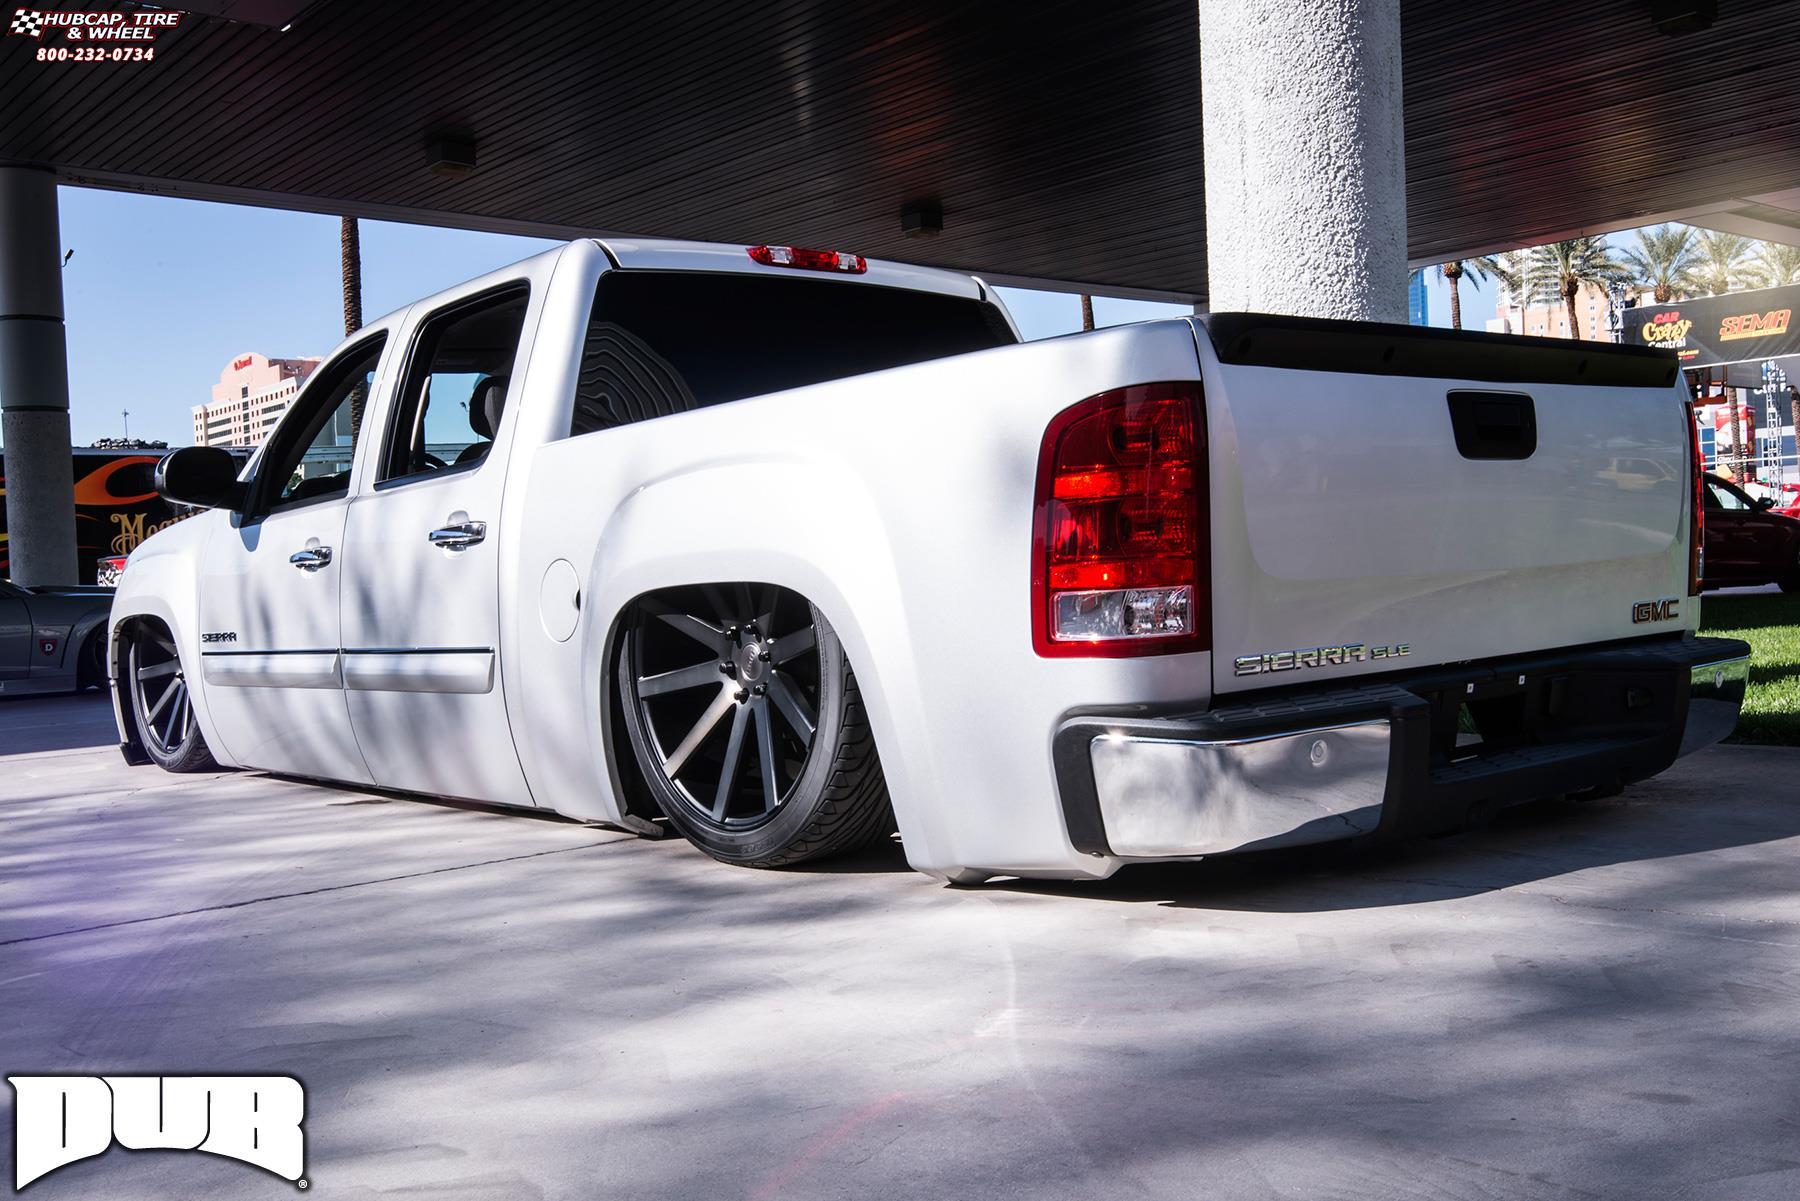 Gmc Sierra 1500 Dub Shot Calla S121 Wheels Black